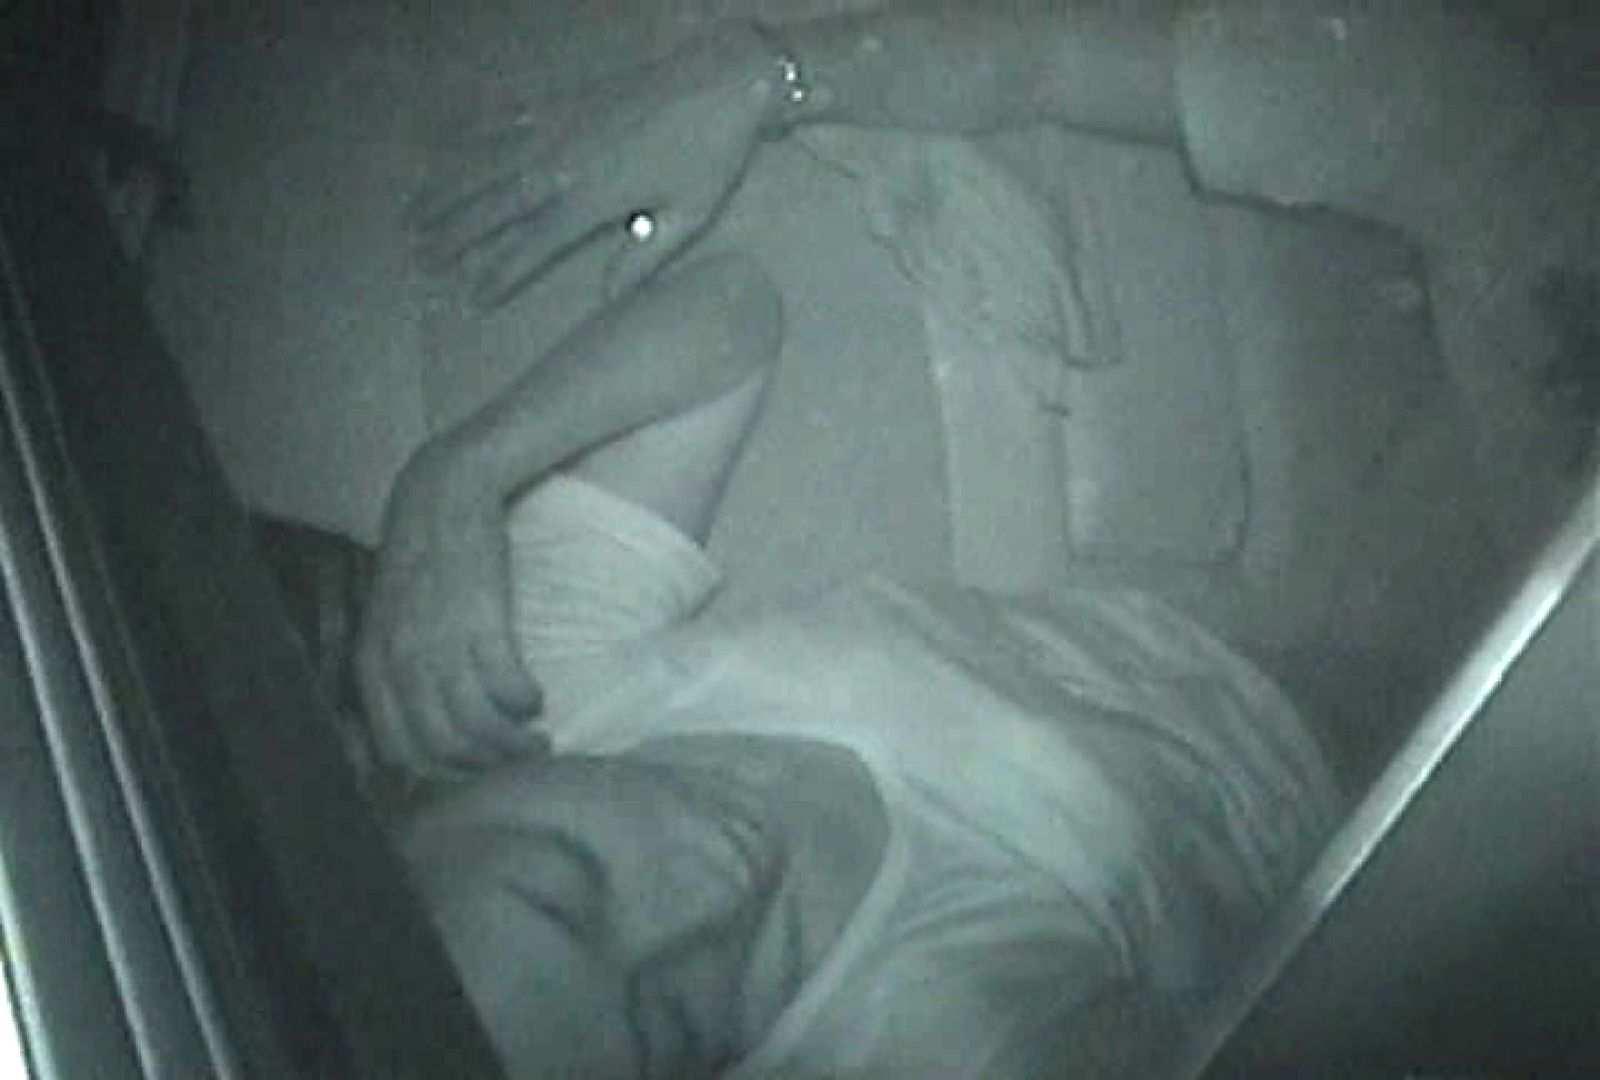 充血監督の深夜の運動会Vol.45 OLの実態 のぞき動画画像 55pic 32